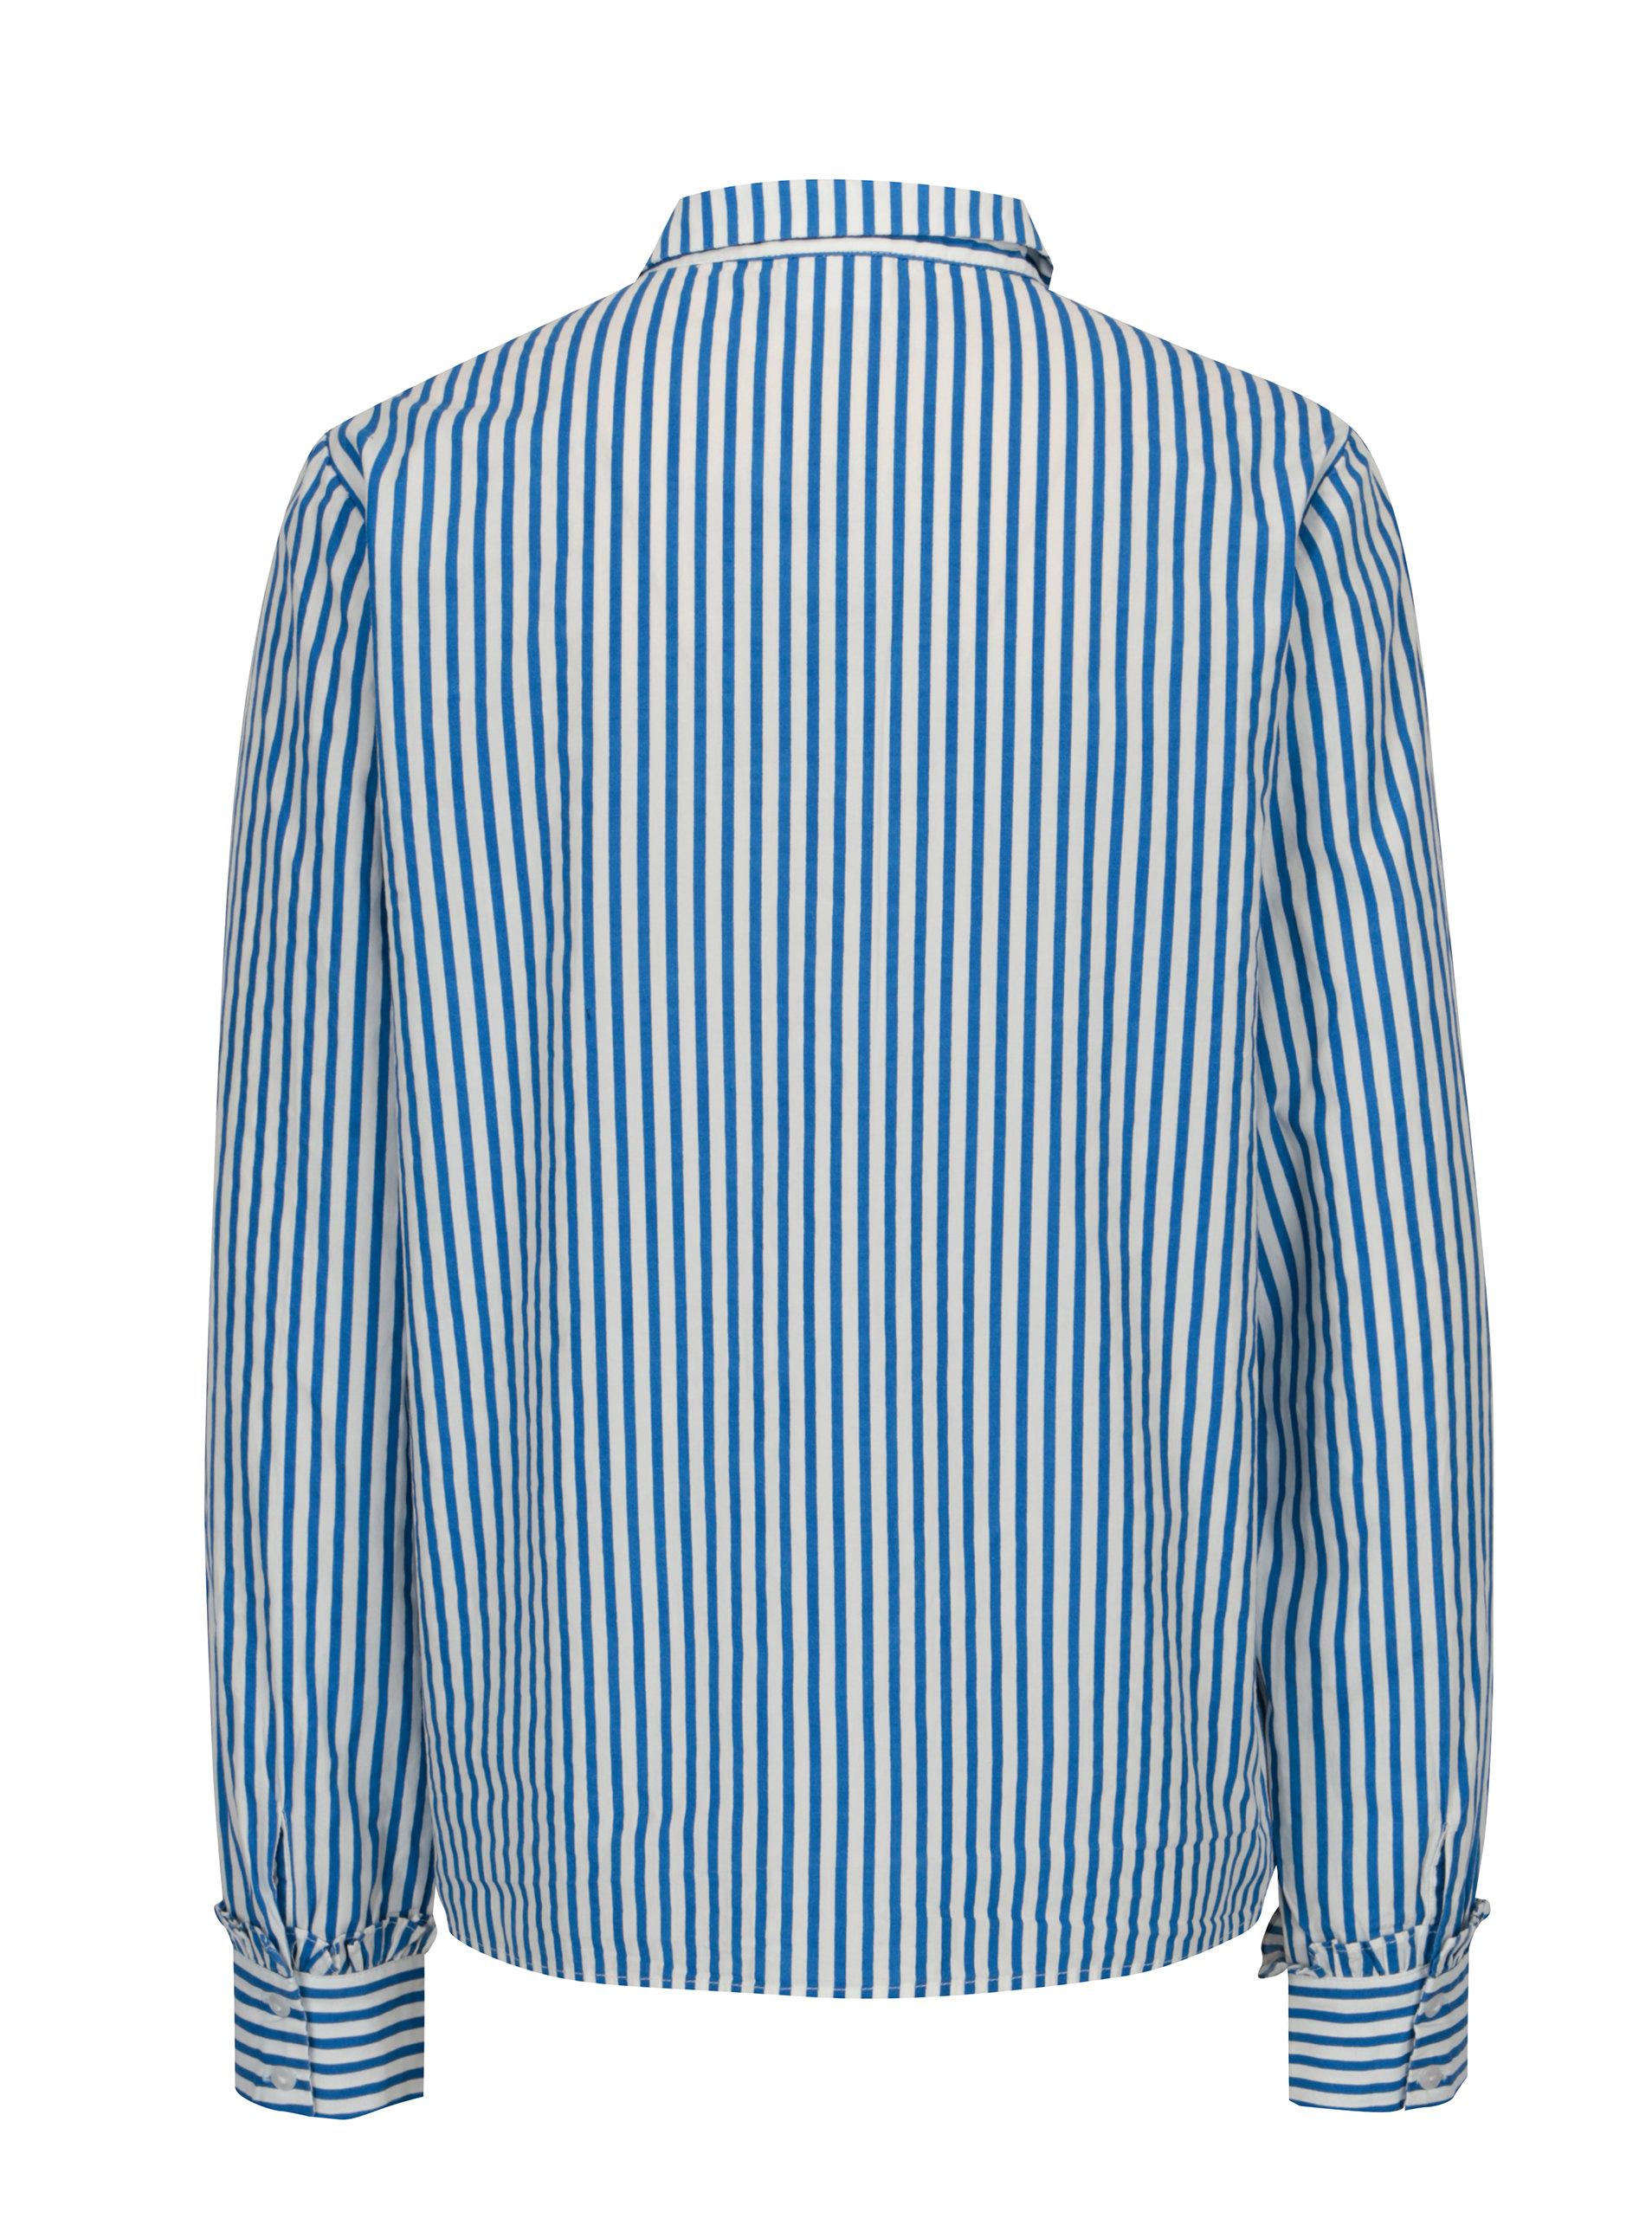 9c82a93a3945 Modro-biela pruhovaná košeľa s vreckom VILA Melava ...